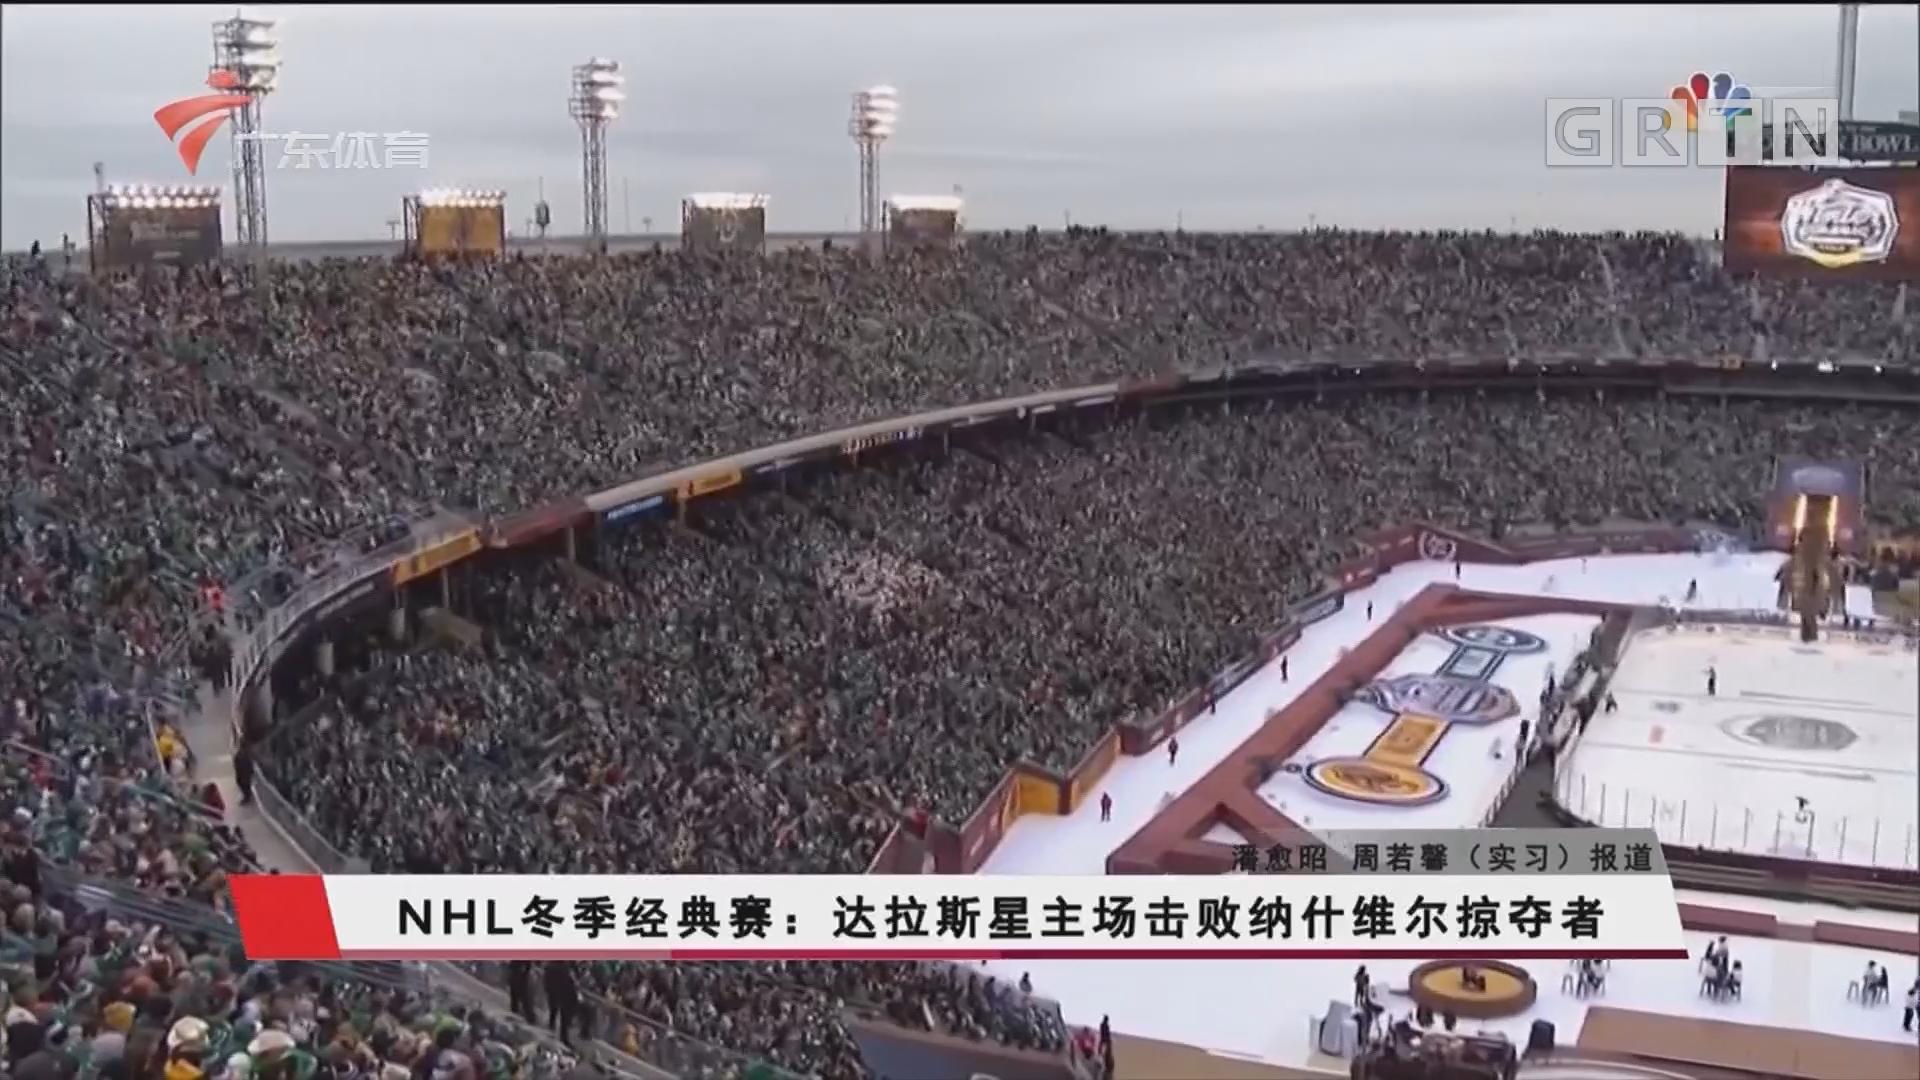 NHL冬季經典賽:達拉斯星主場擊敗納什維爾掠奪者